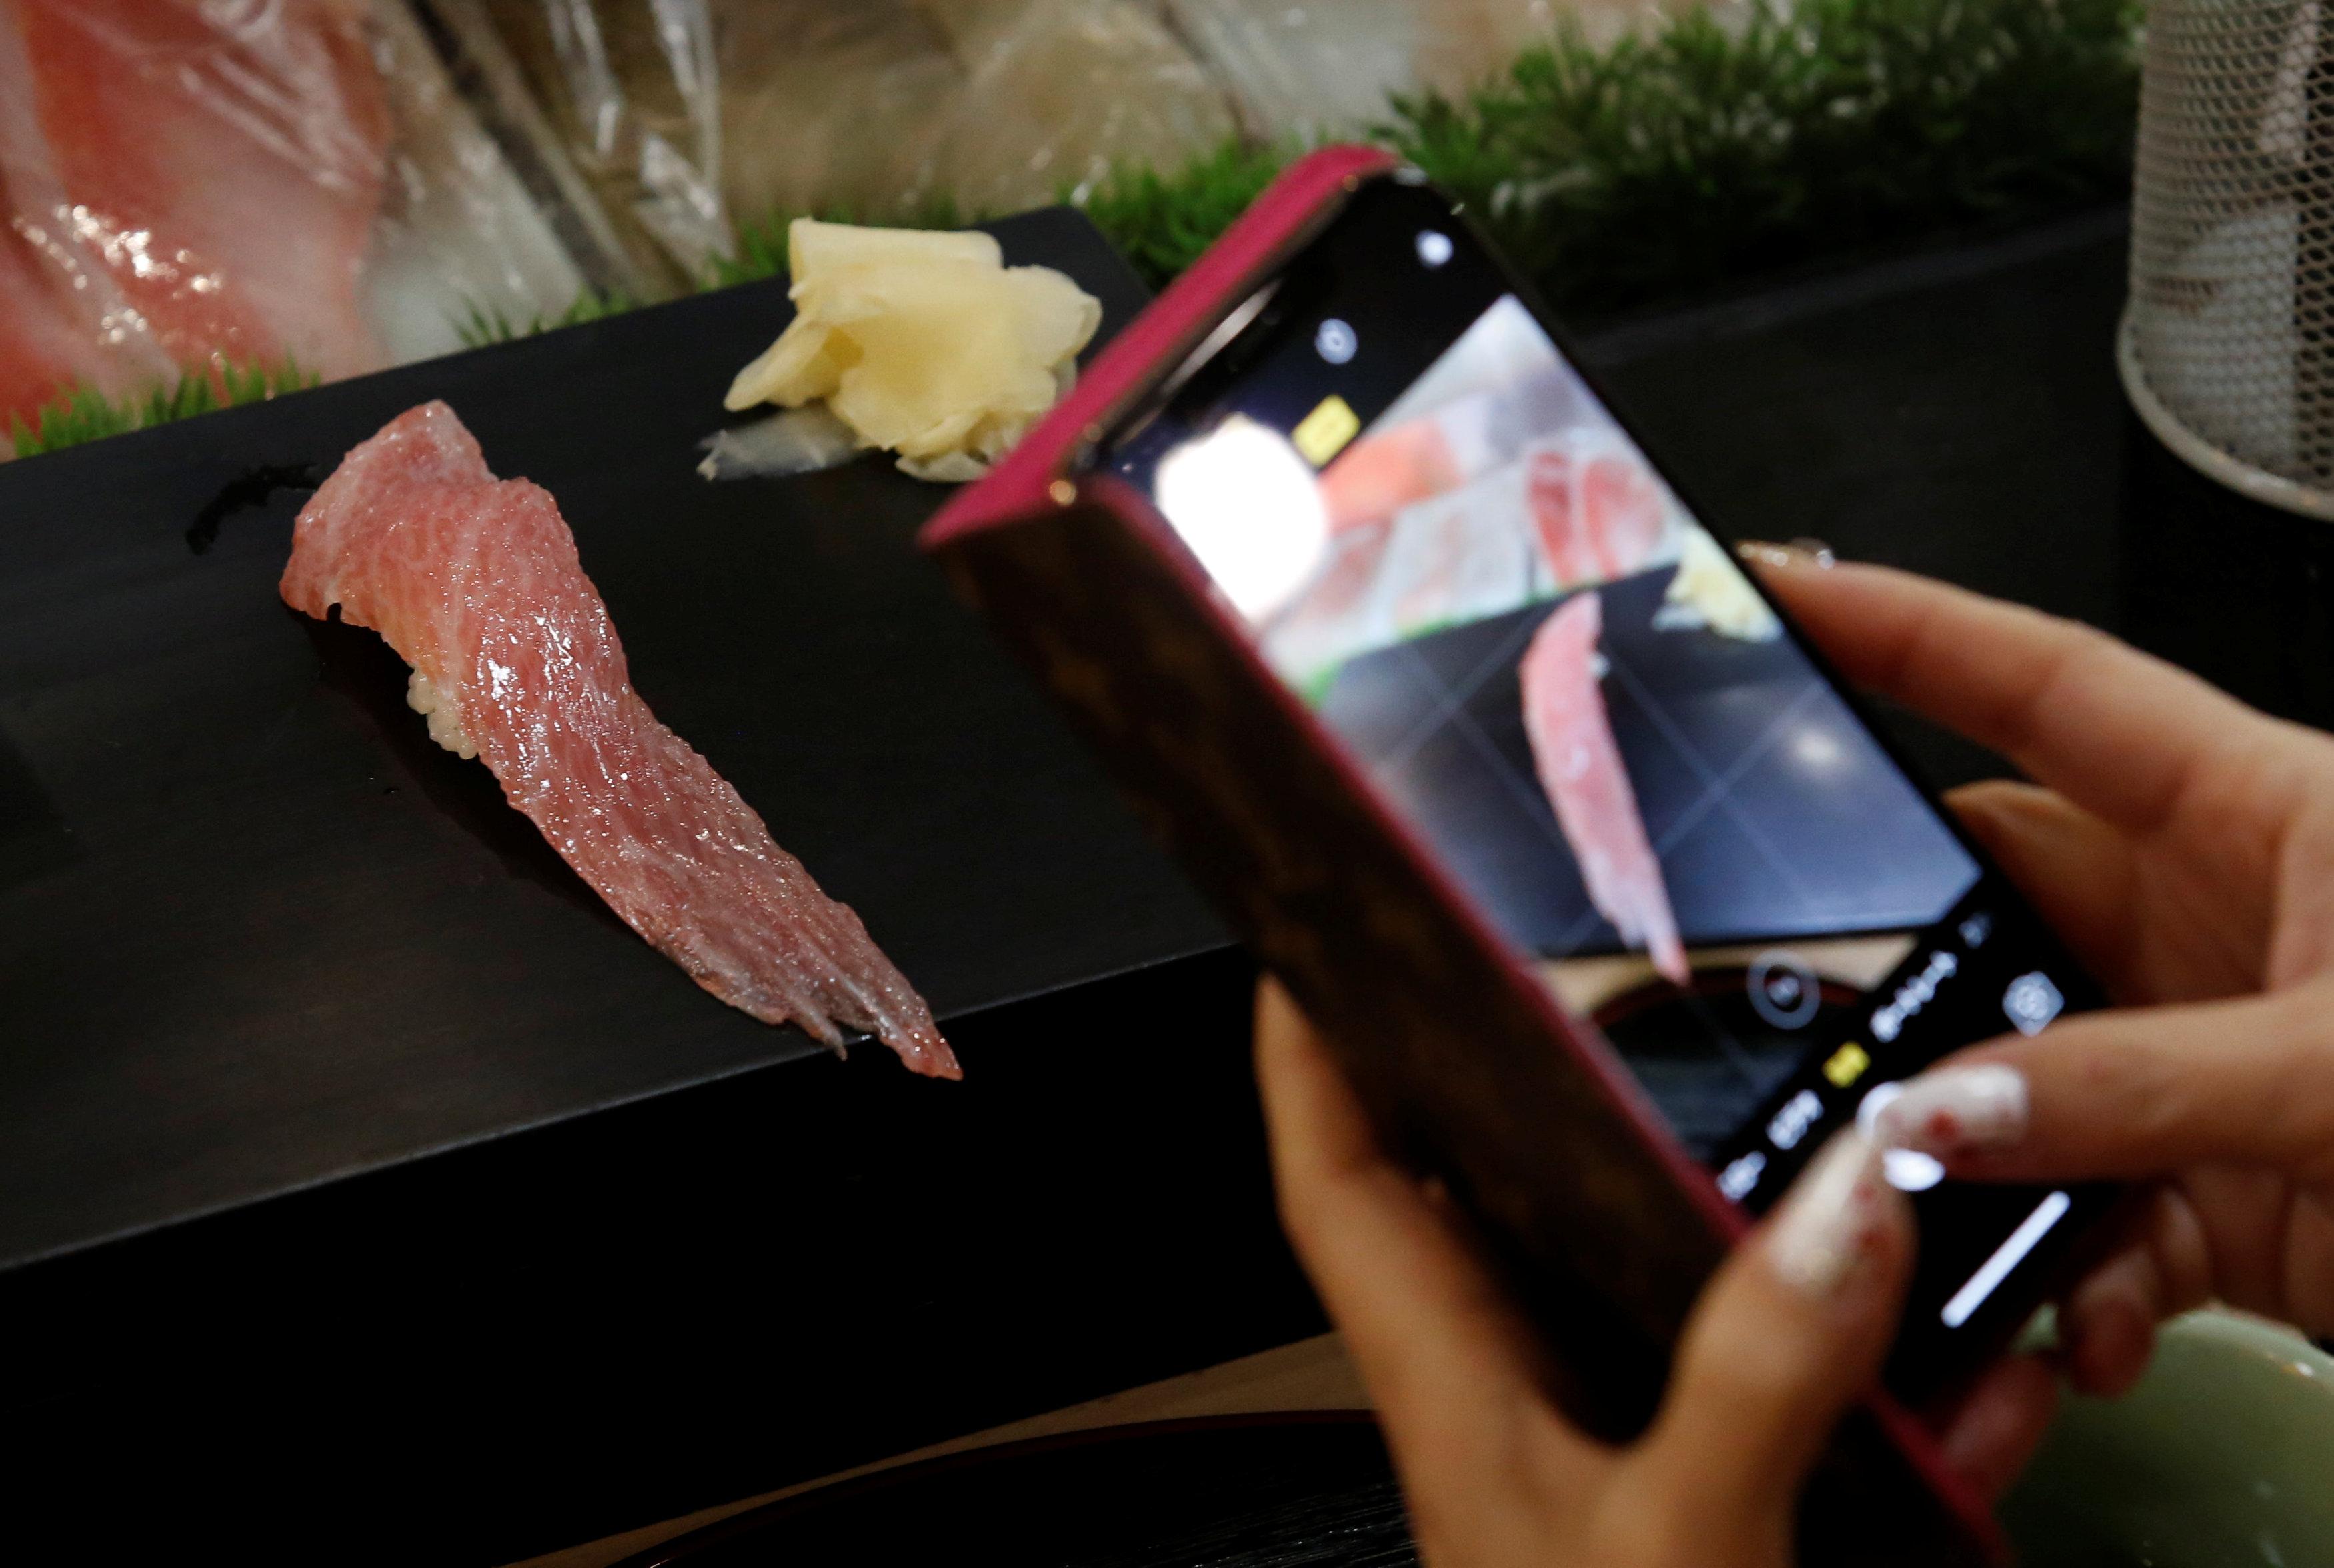 Un cliente fotografía un pedazo de atún en el restaurante Sushi Zanmai deTokyo(REUTERS/Kim Kyung-Hoon)